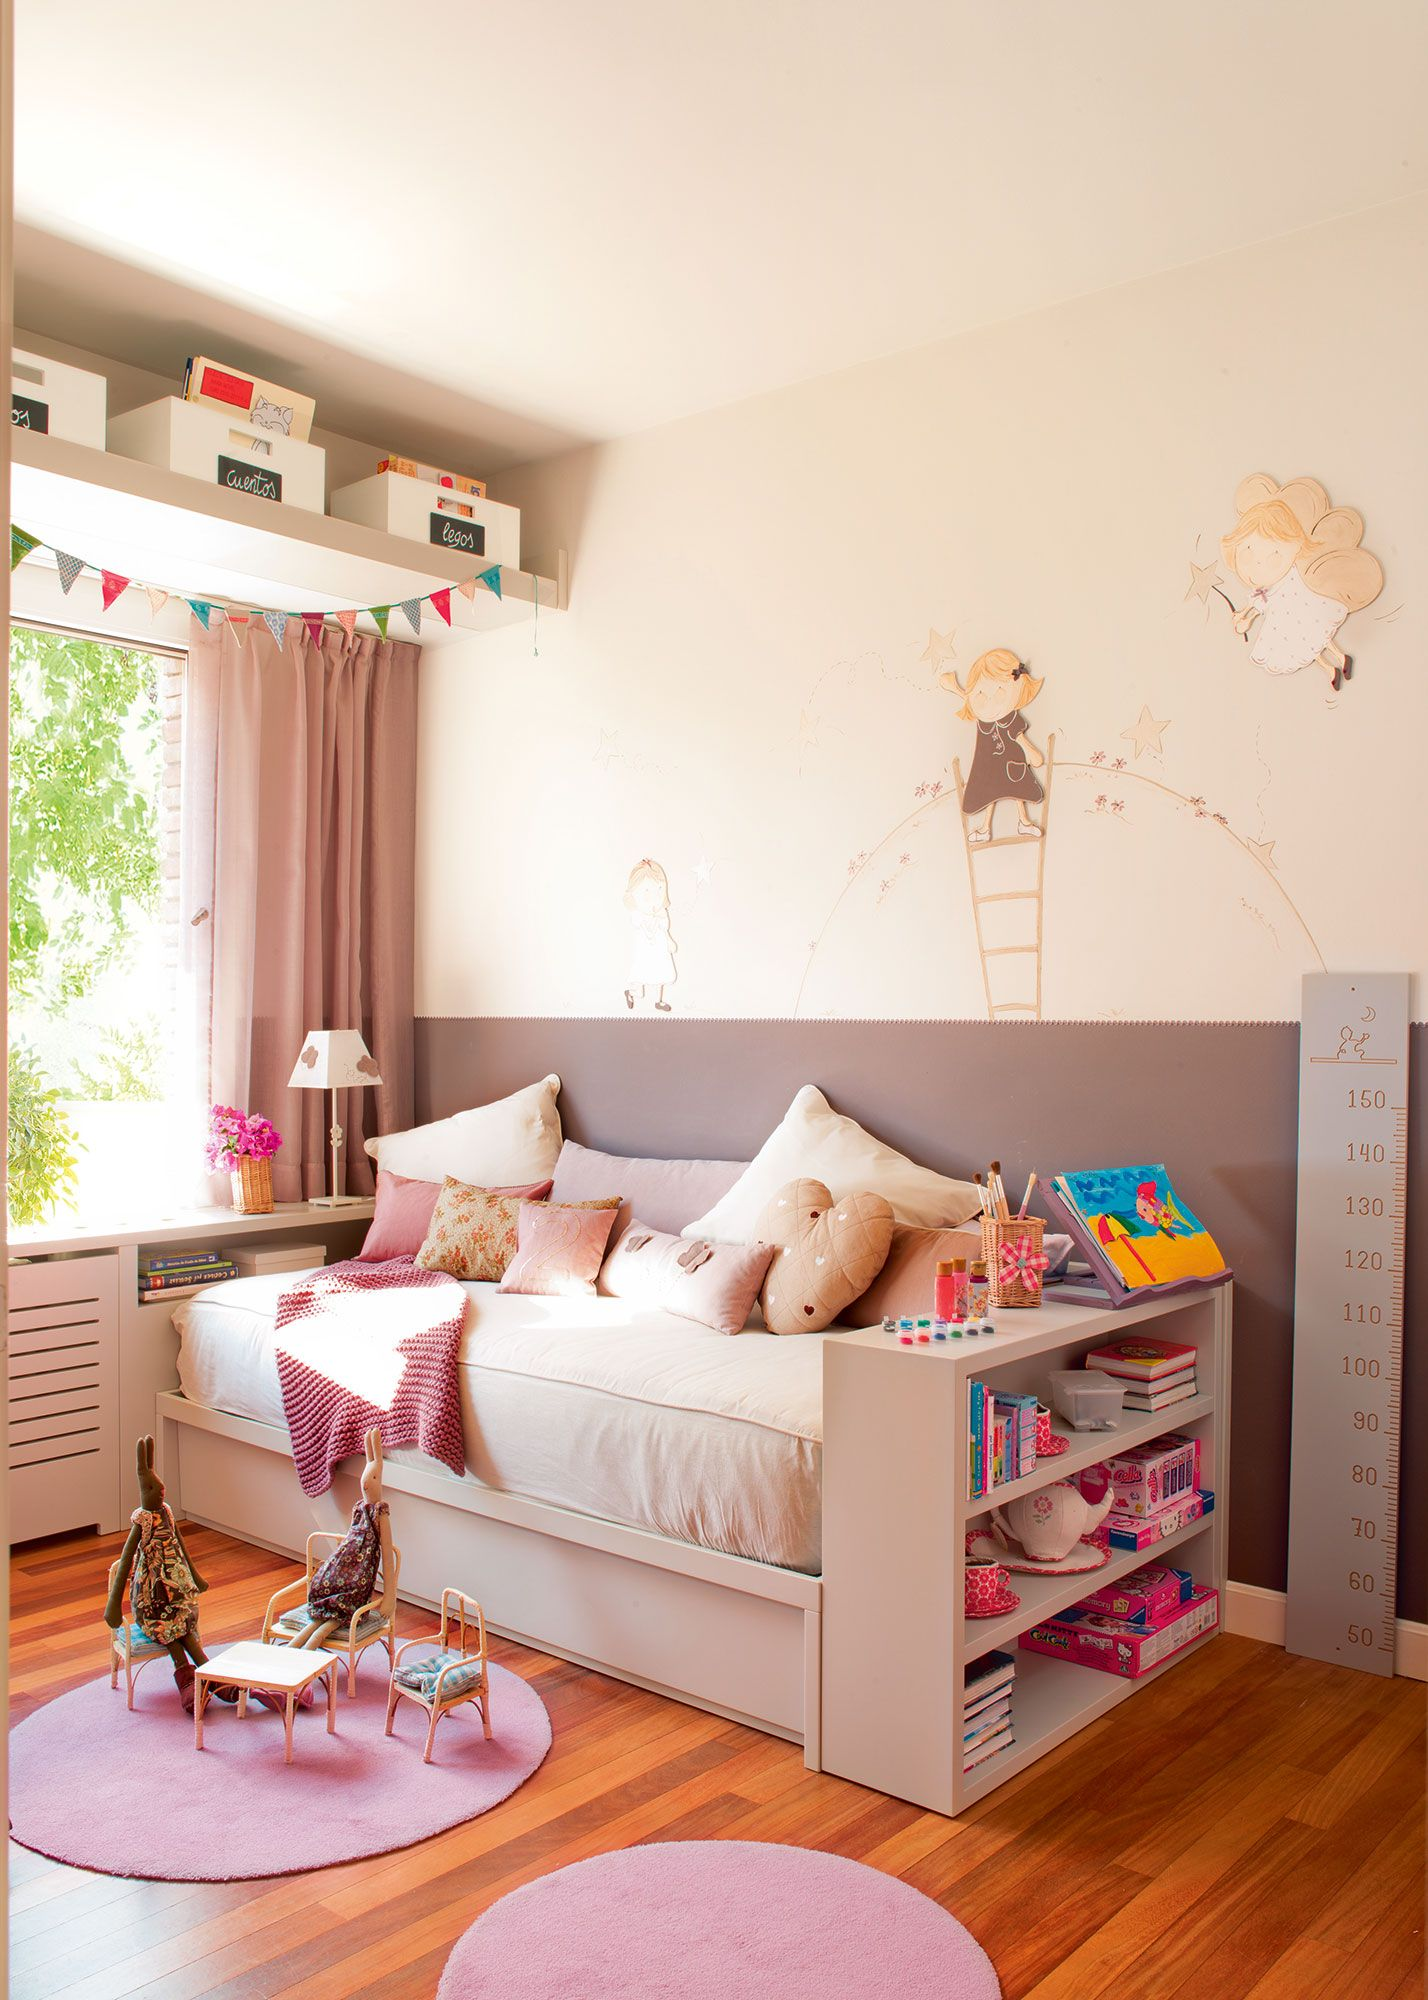 Dormitorio Infantil Con Cama Arrimada A La Pared Z Calo Y  ~ Decoracion Habitacion Juvenil Pequeña